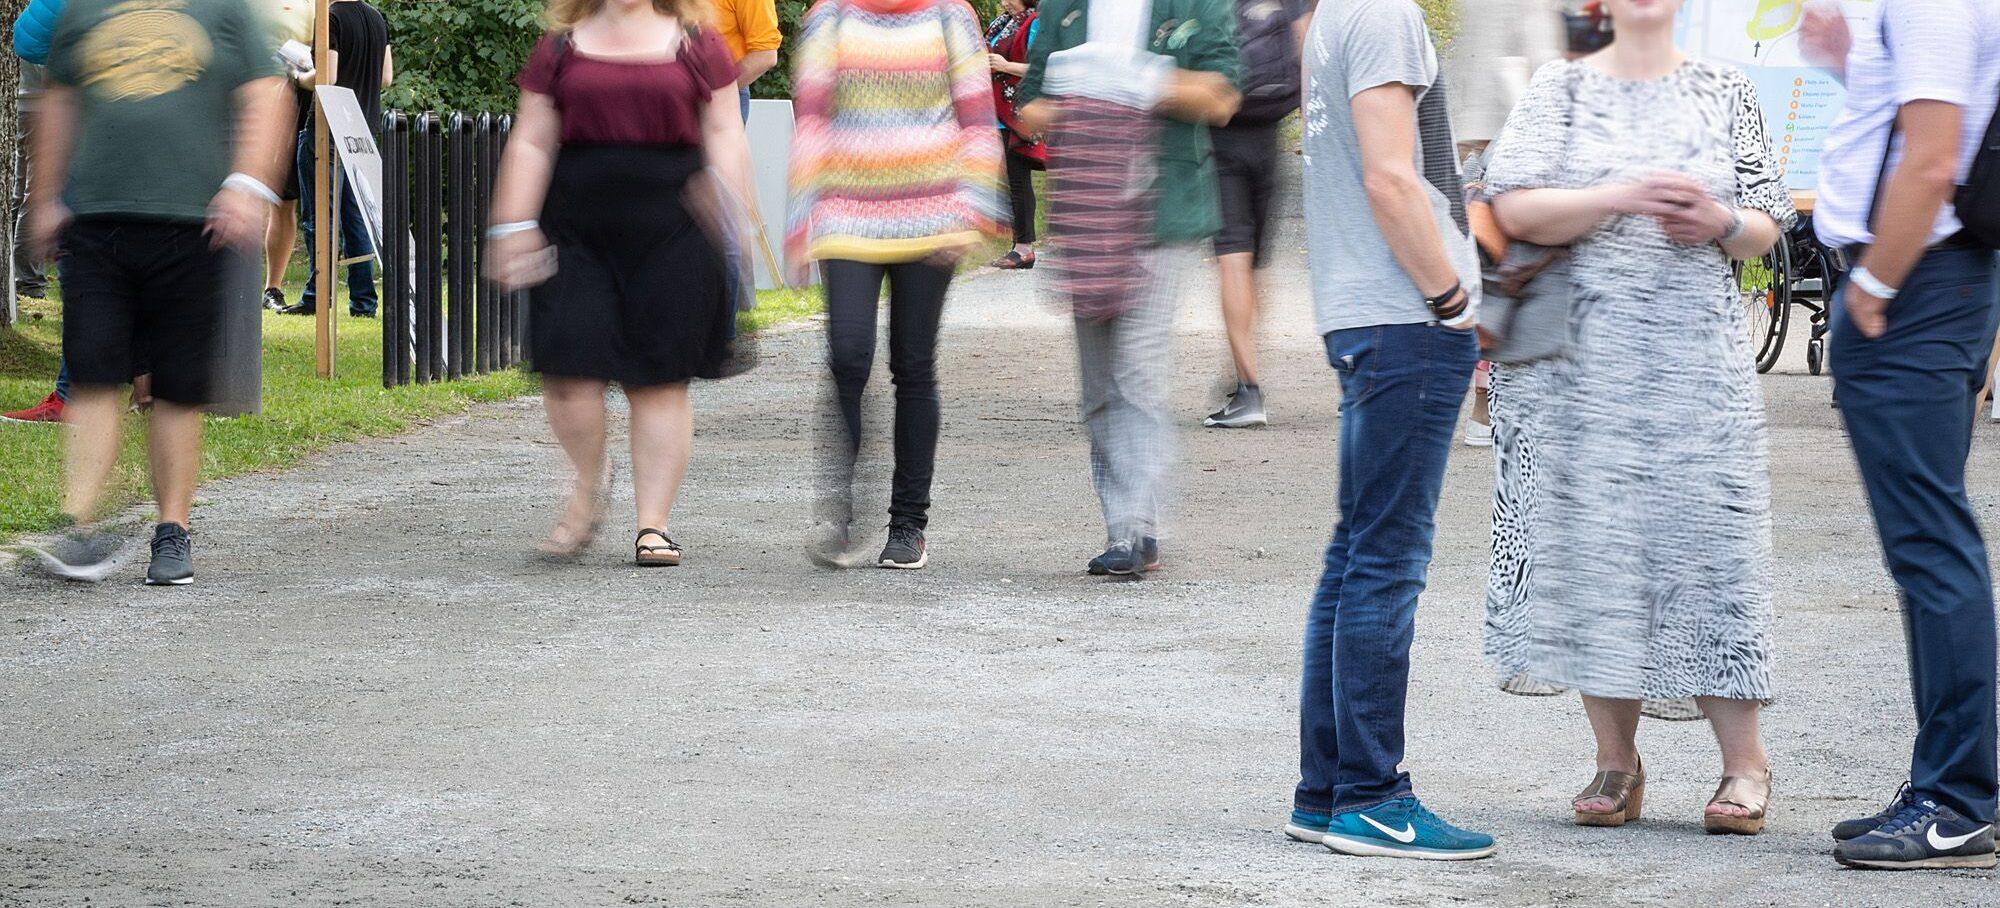 Inimesed suvises riietuses